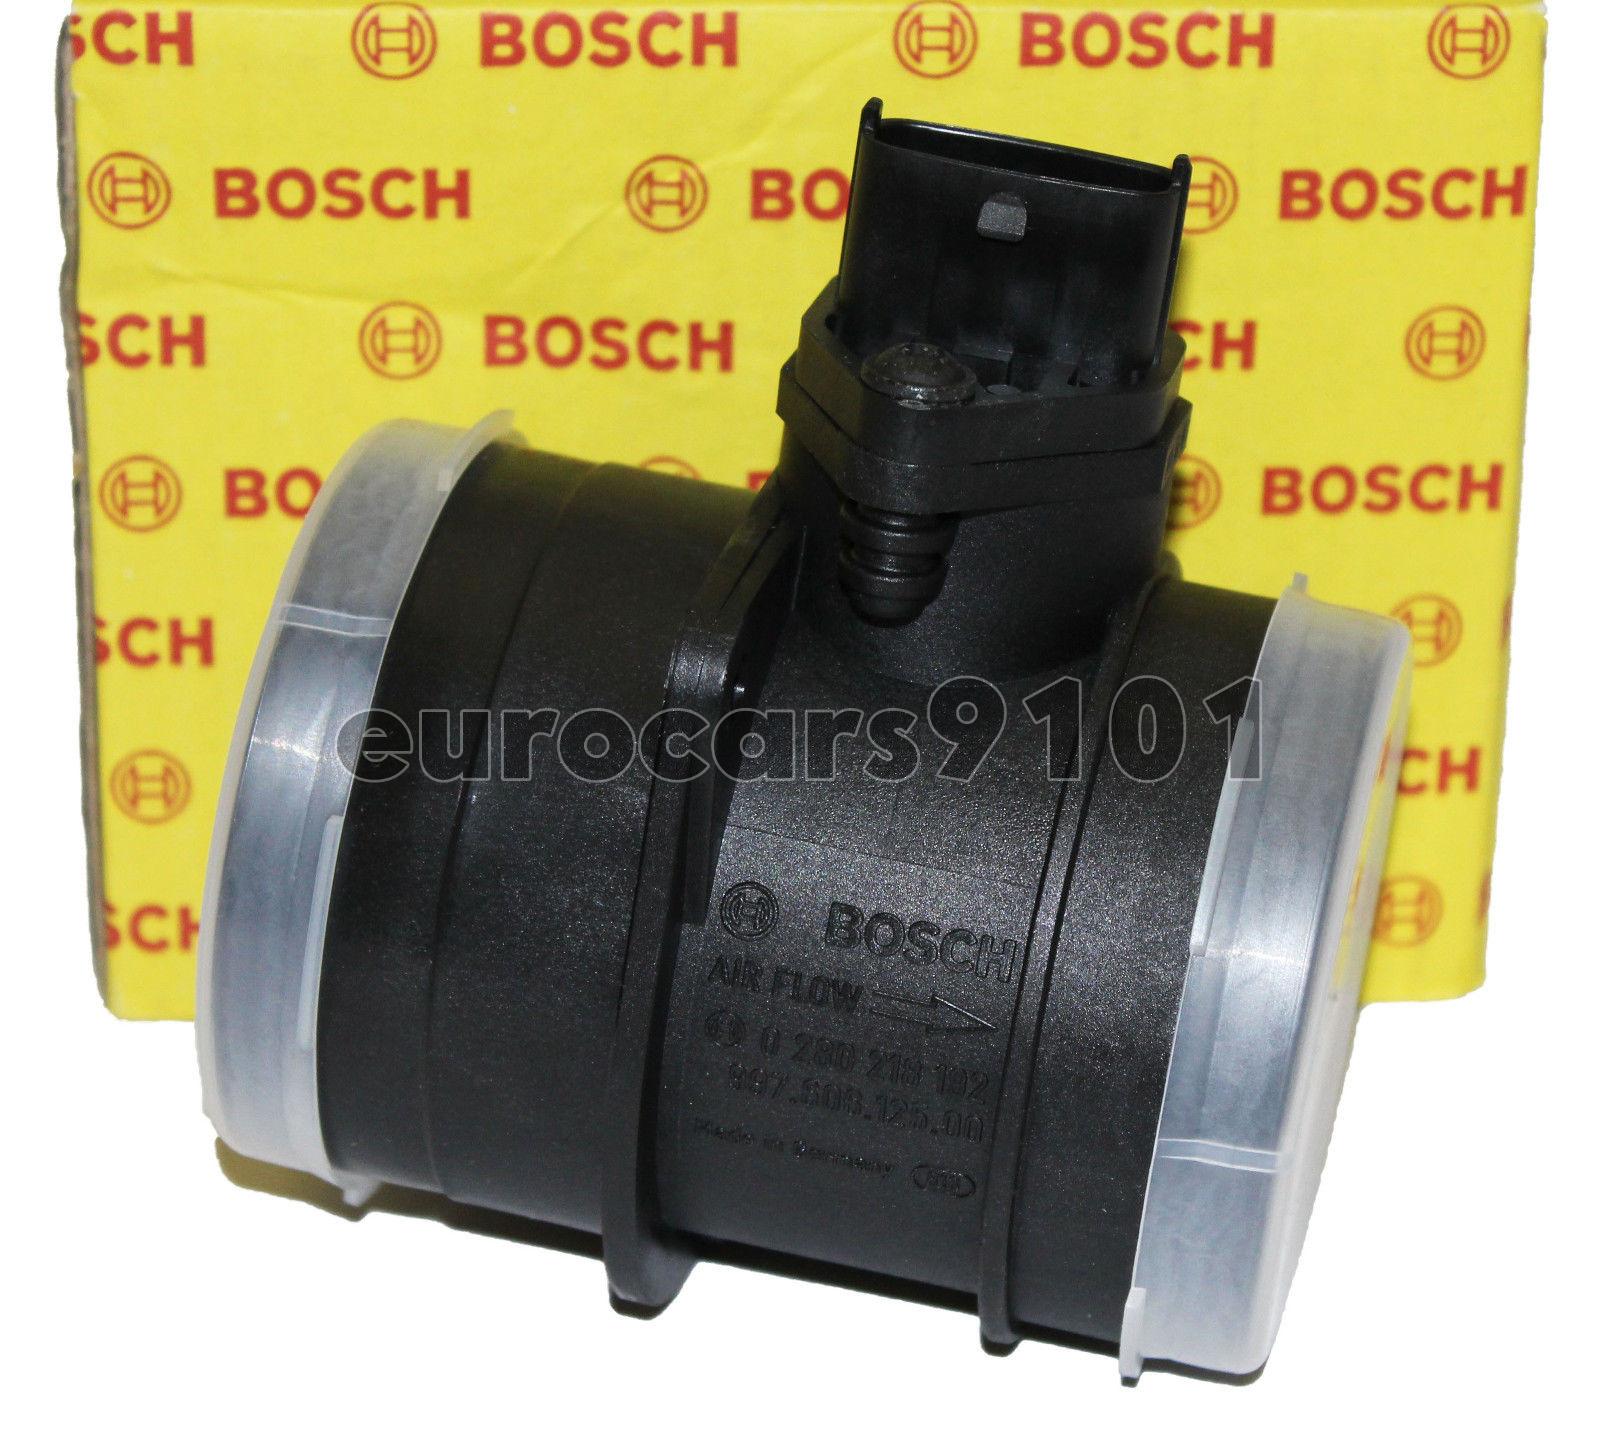 Bosch Mass Air Flow Sensor New for Porsche 911 Boxster 1997-1999 0280218009